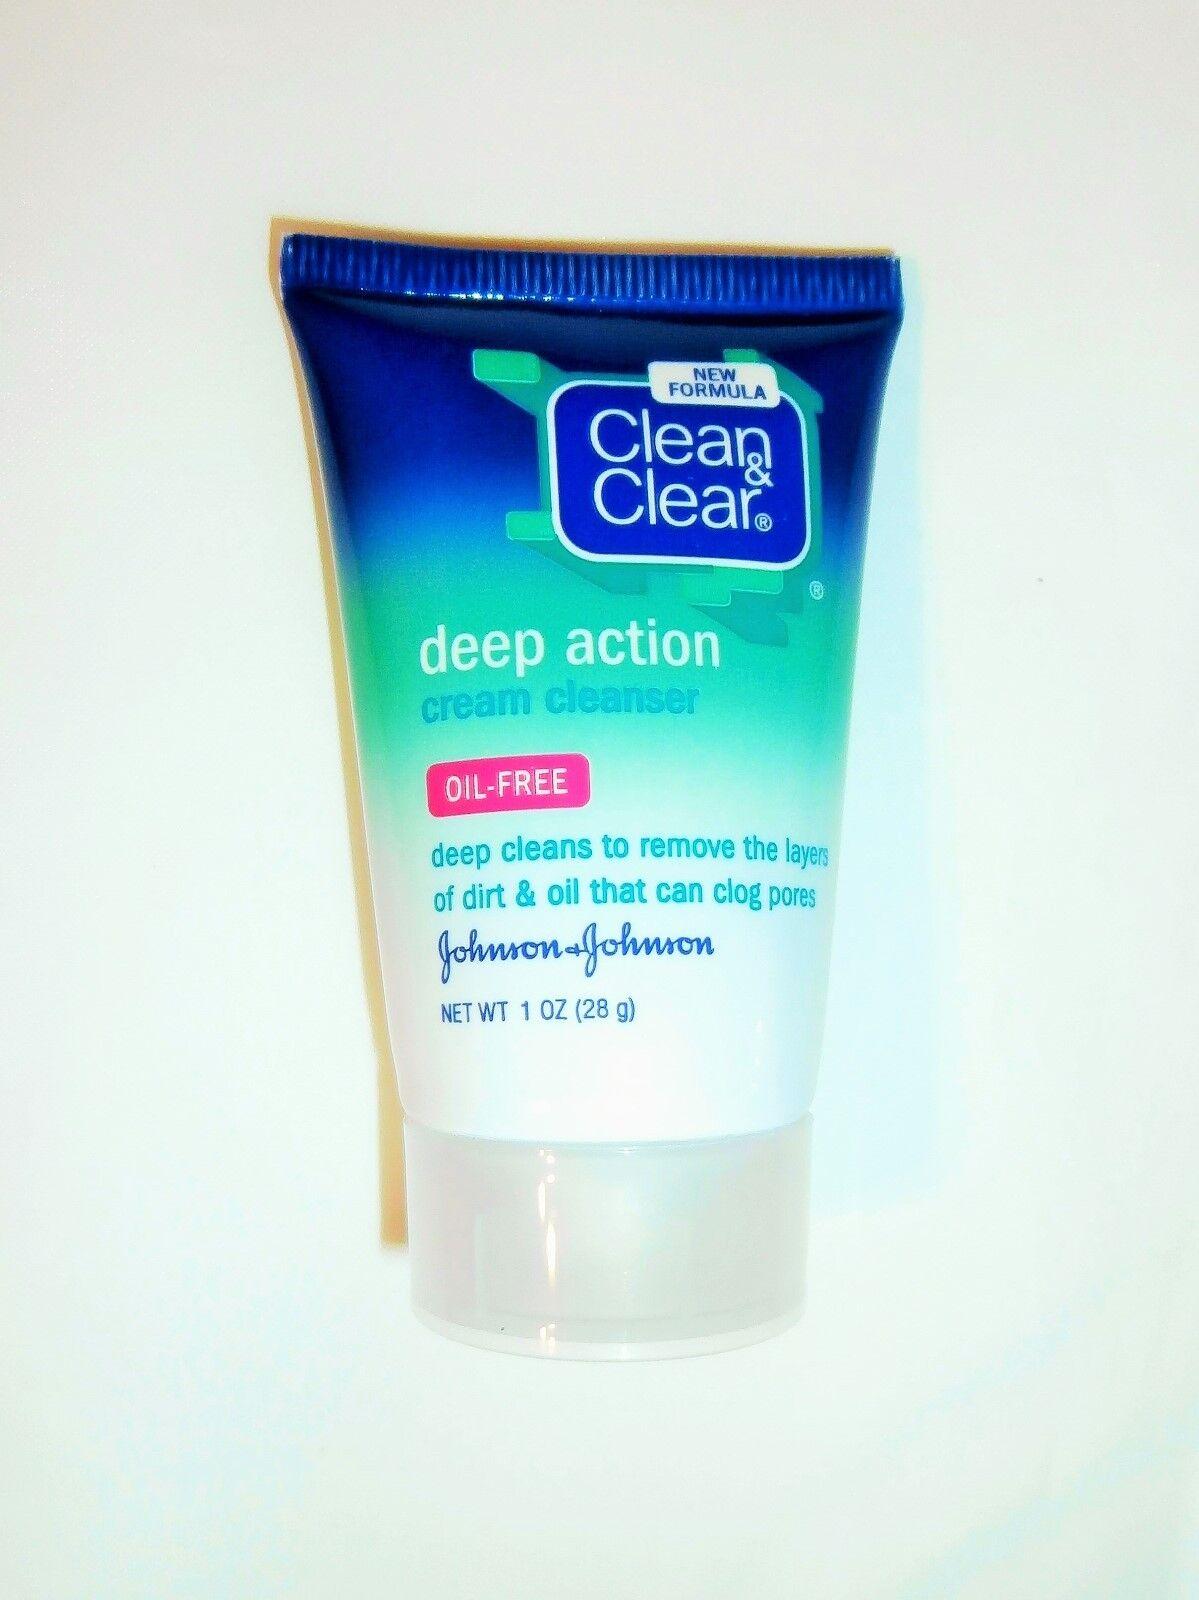 Clean & Clear Deep Action Cream Cleanser, 1 Oz